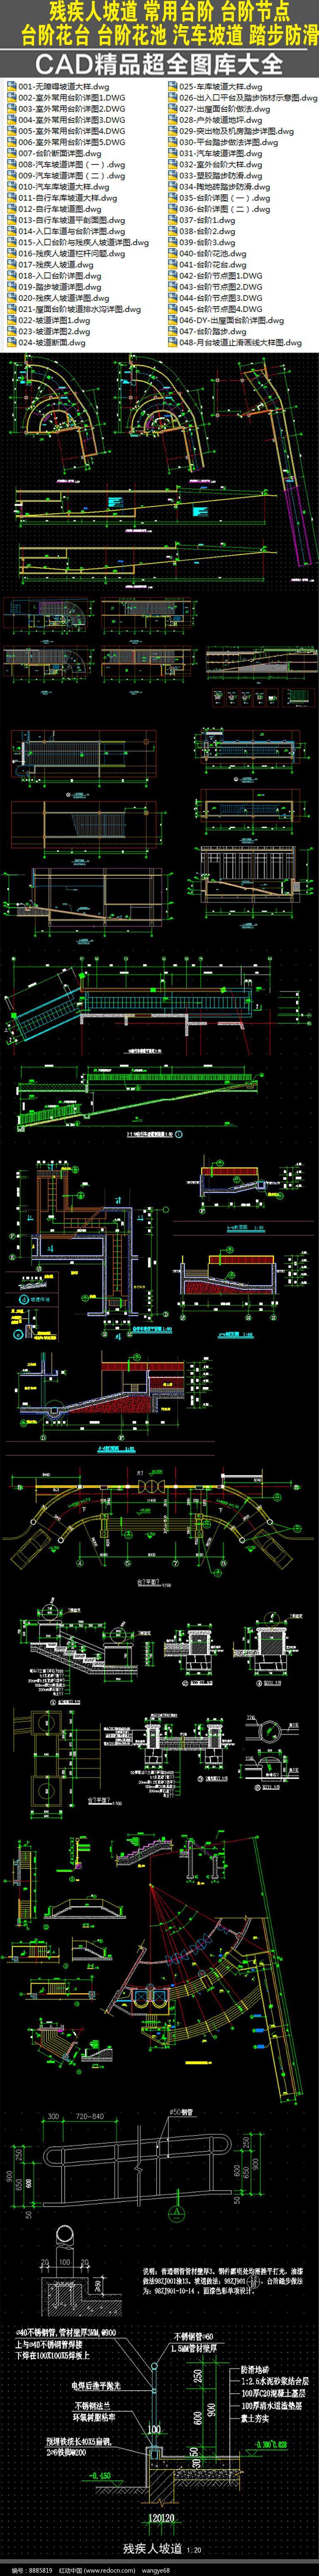 精品深化台种台阶坡道CAD图图片